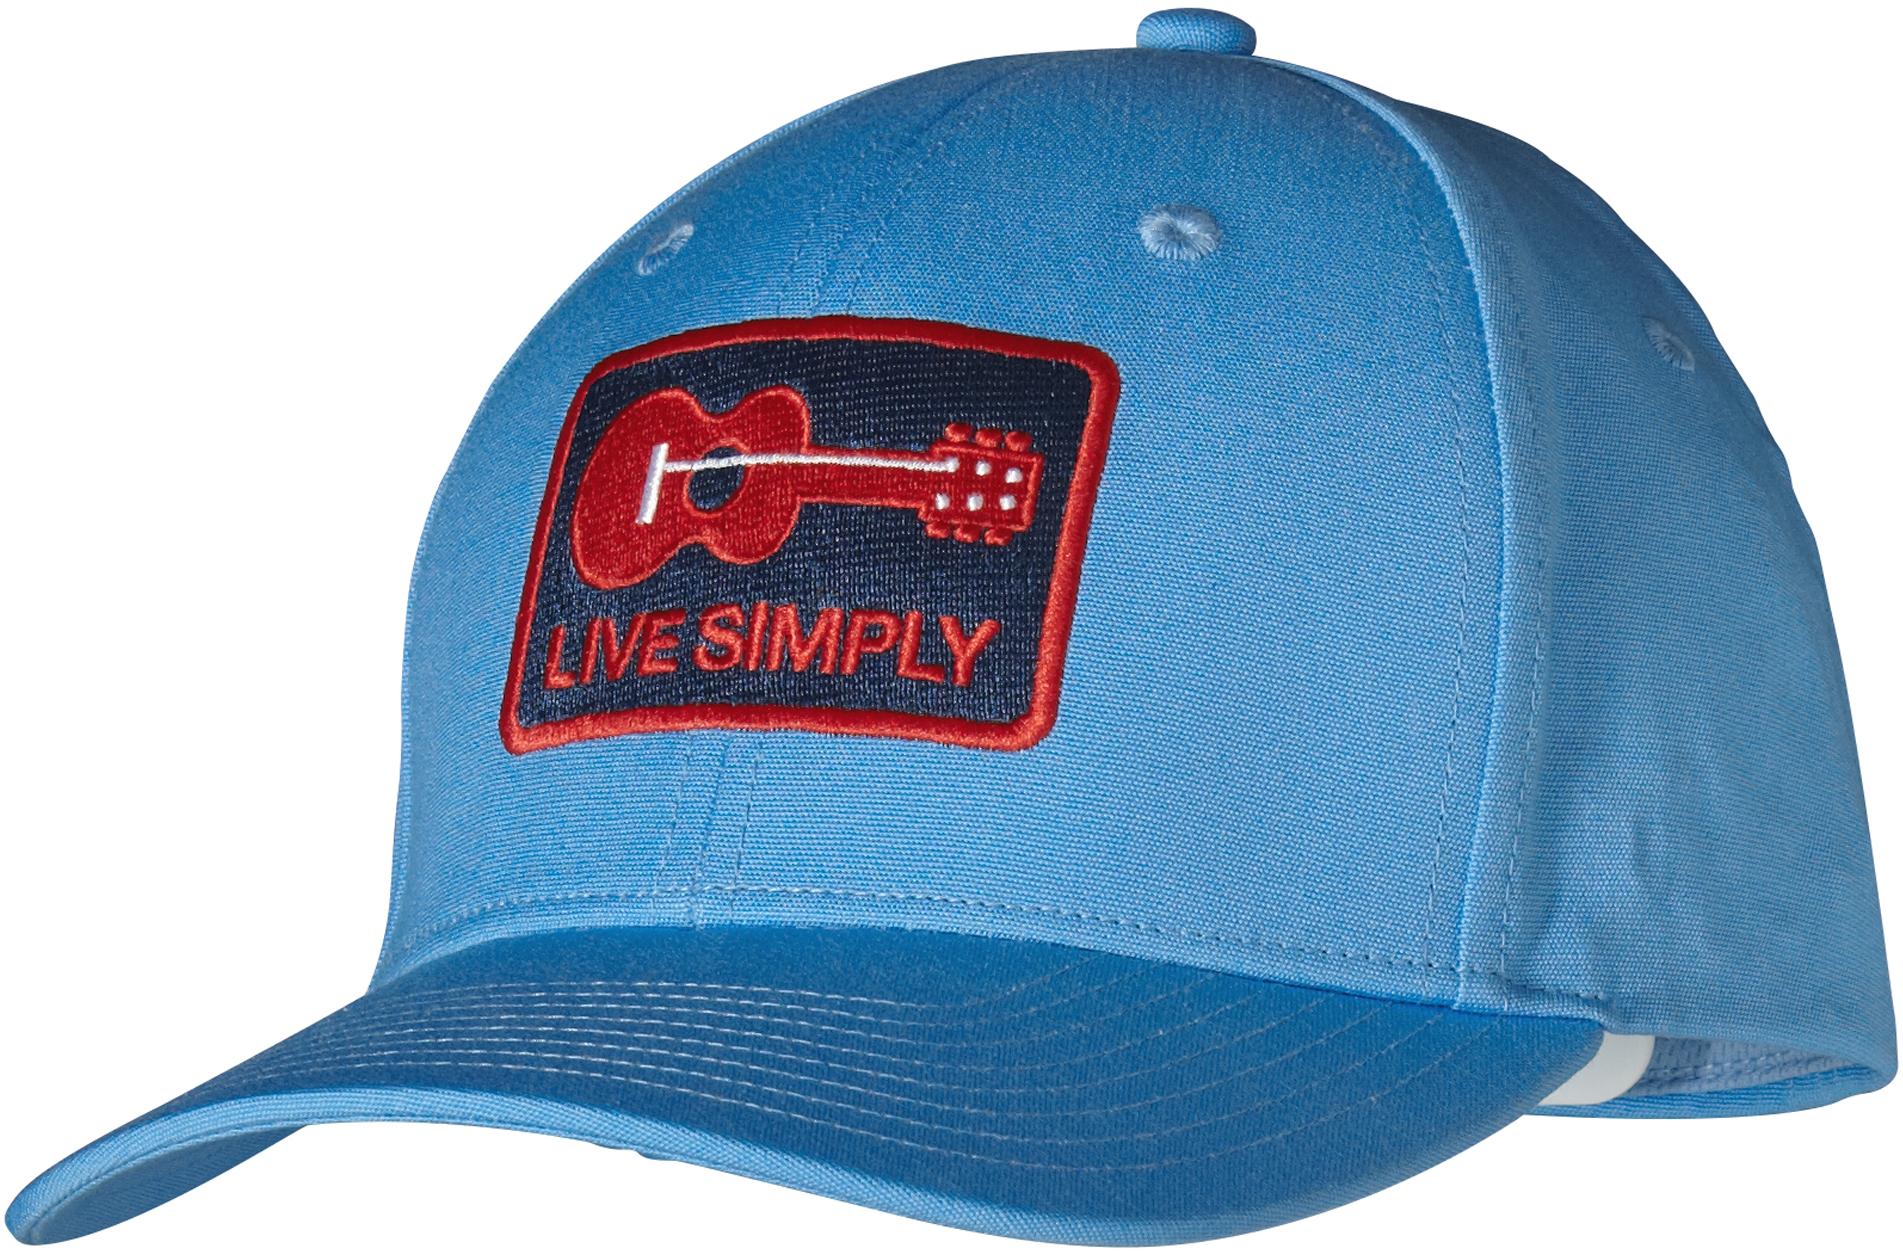 1c1045469 Patagonia Live Simply Guitar Roger That Hat - Men's | MEC